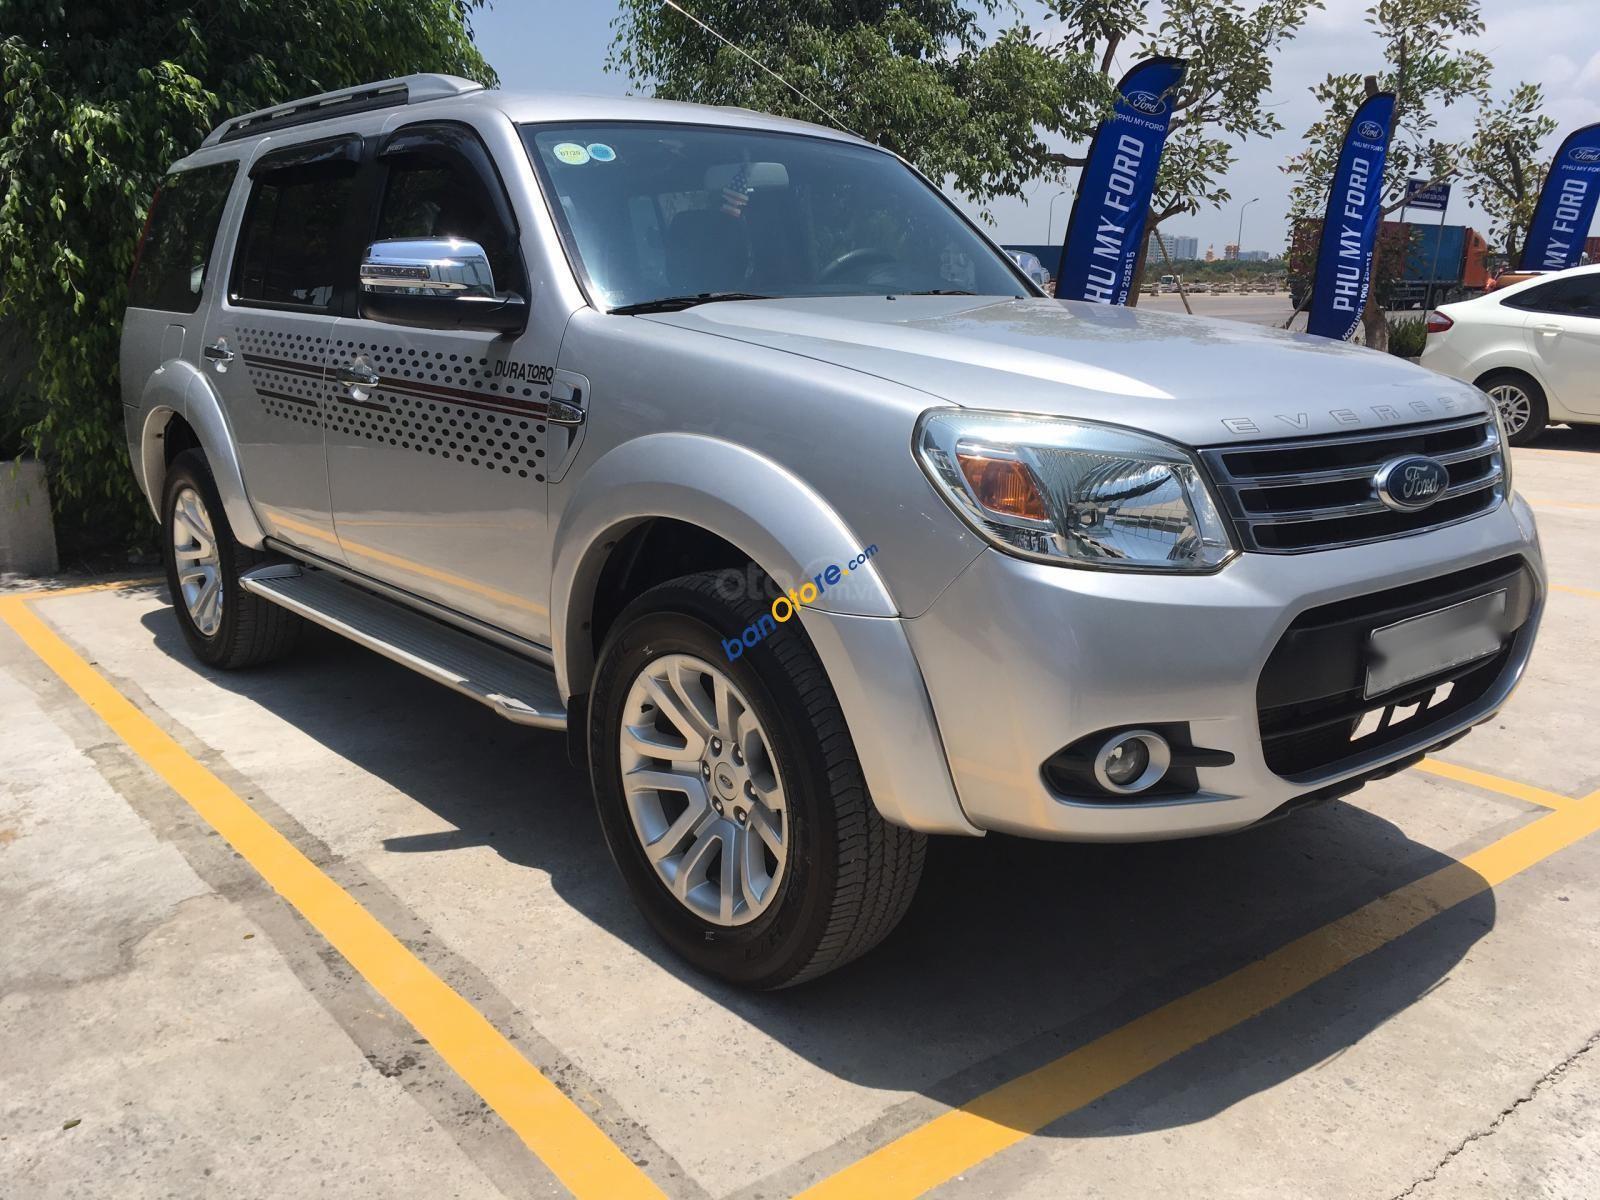 Cần bán gấp Ford Everest năm sản xuất 2013, số sàn